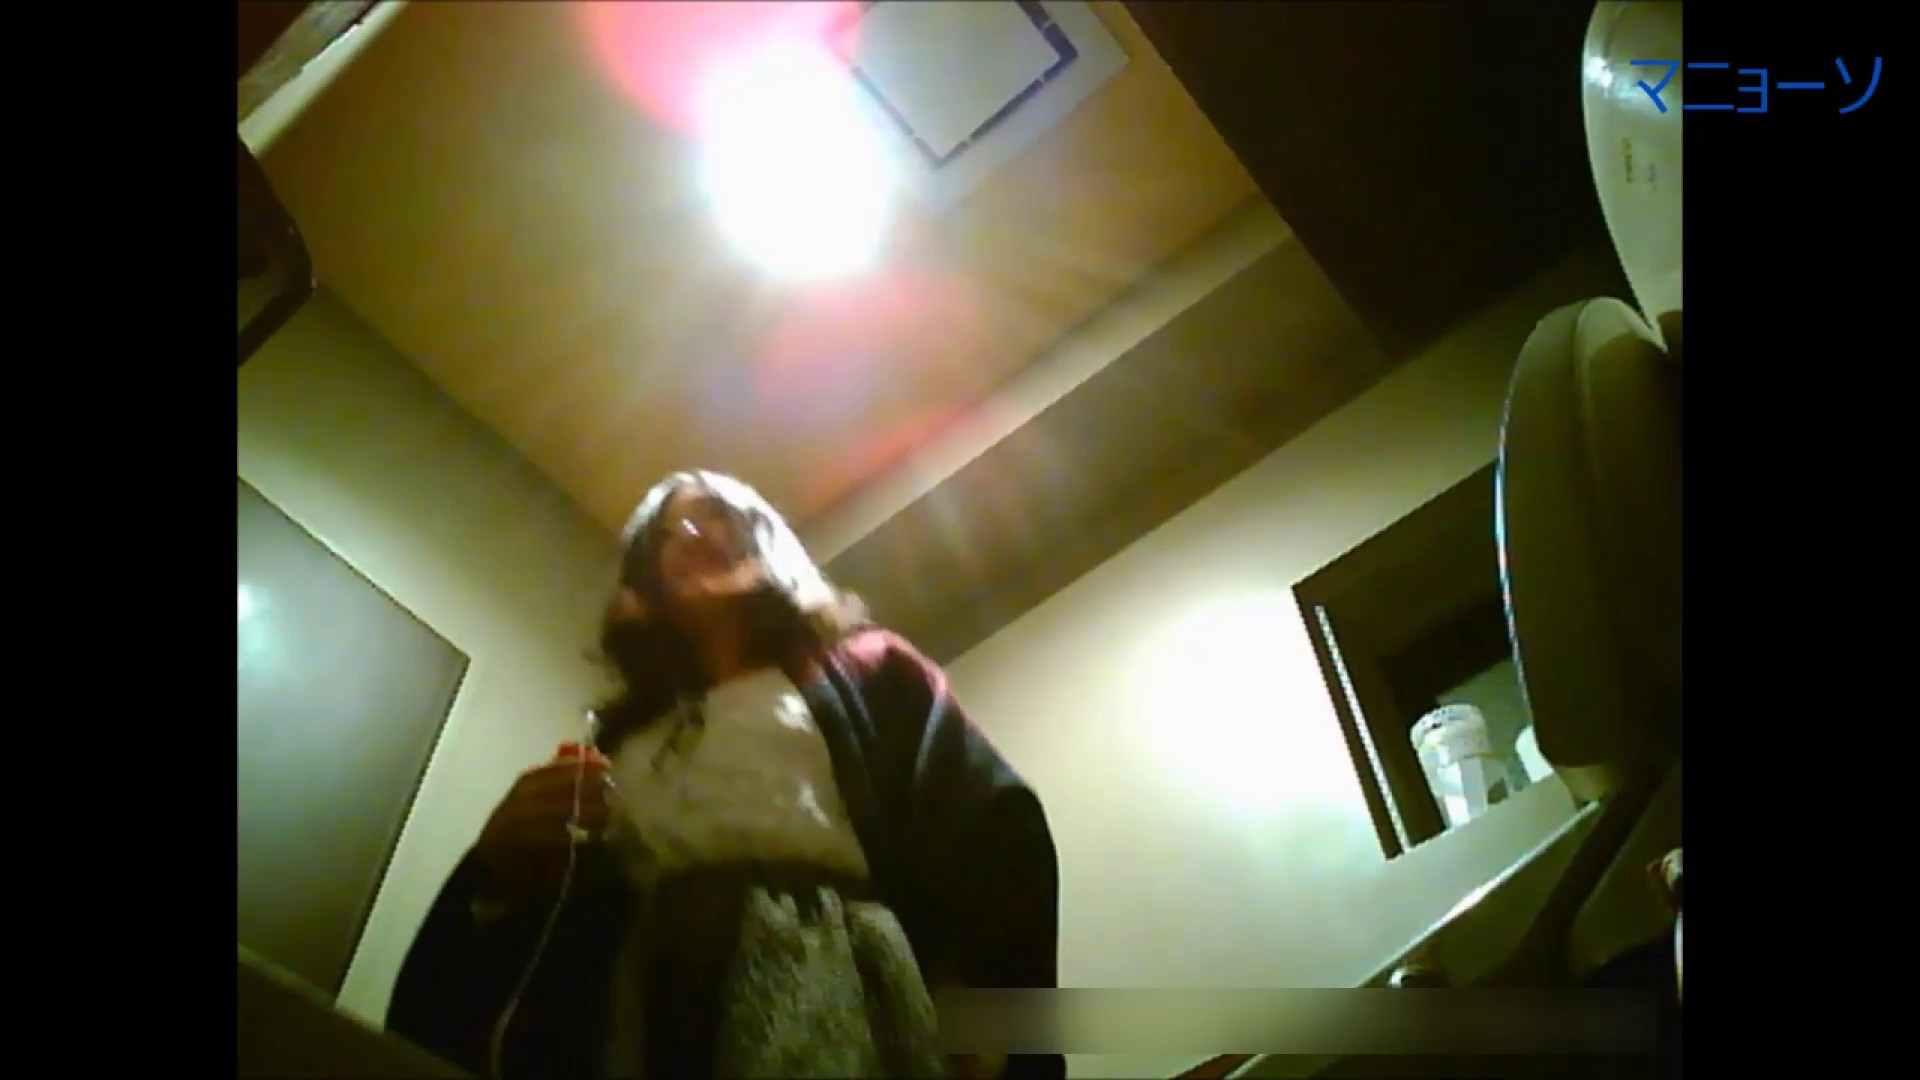 トイレでひと肌脱いでもらいました (JD編)Vol.01 トイレ中 | OL  67連発 9